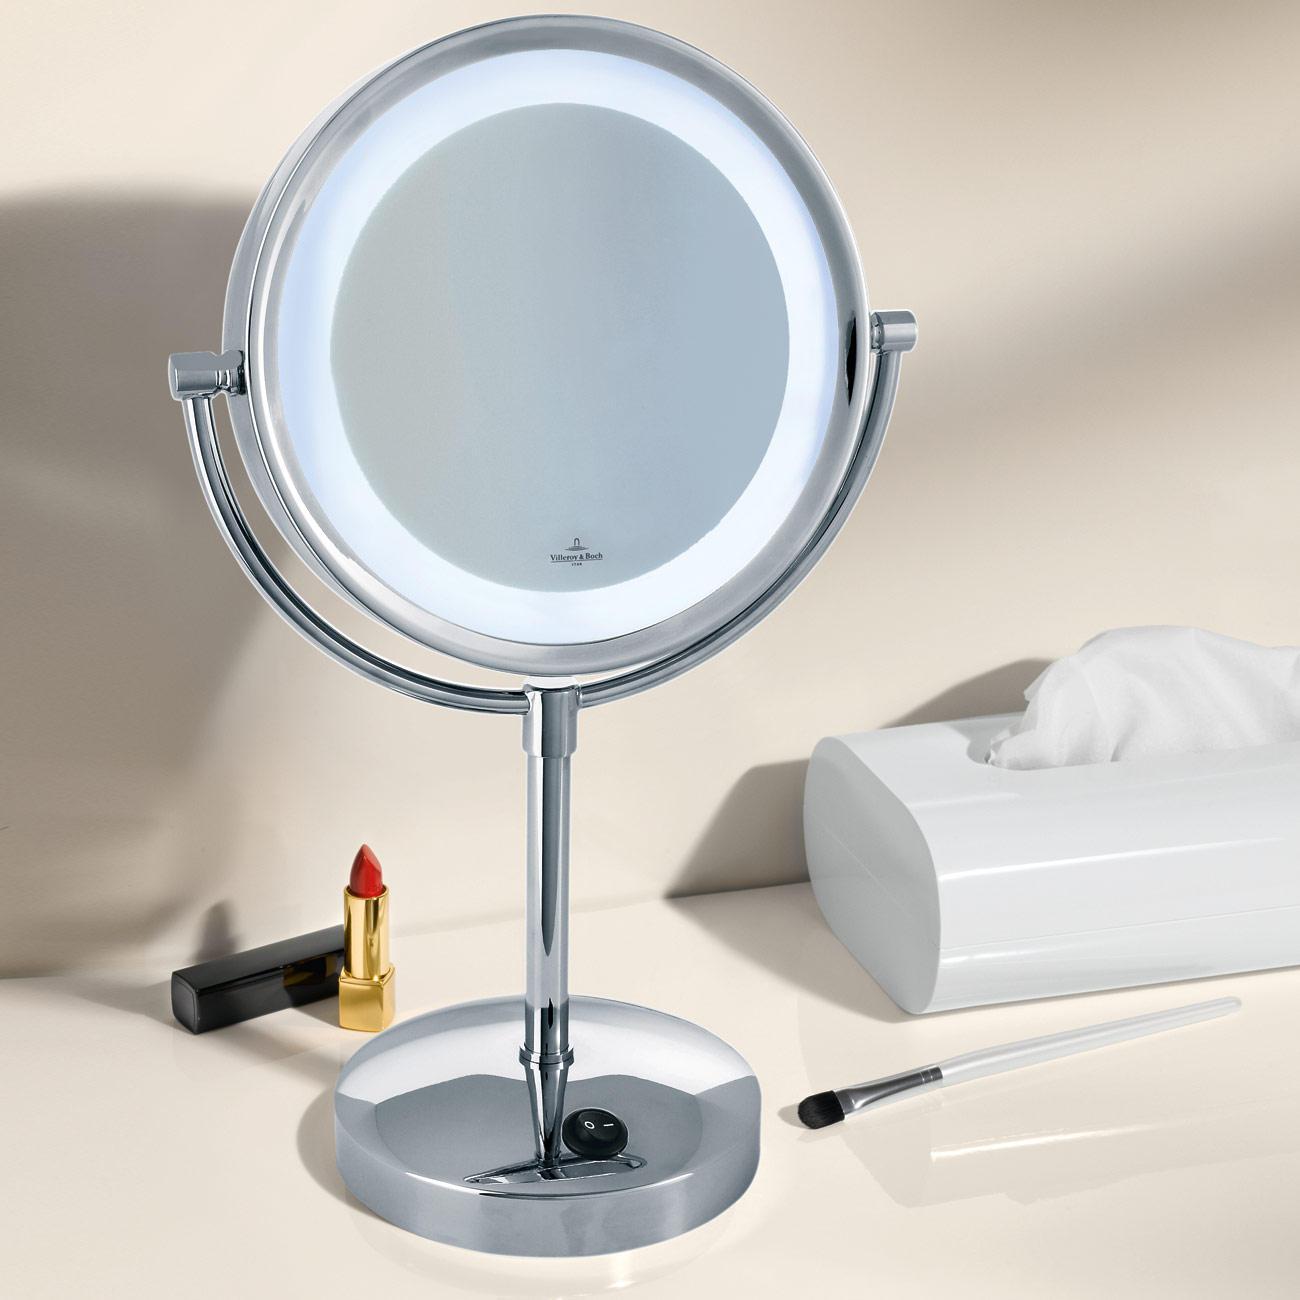 villeroy boch beleuchteter kosmetikspiegel london. Black Bedroom Furniture Sets. Home Design Ideas